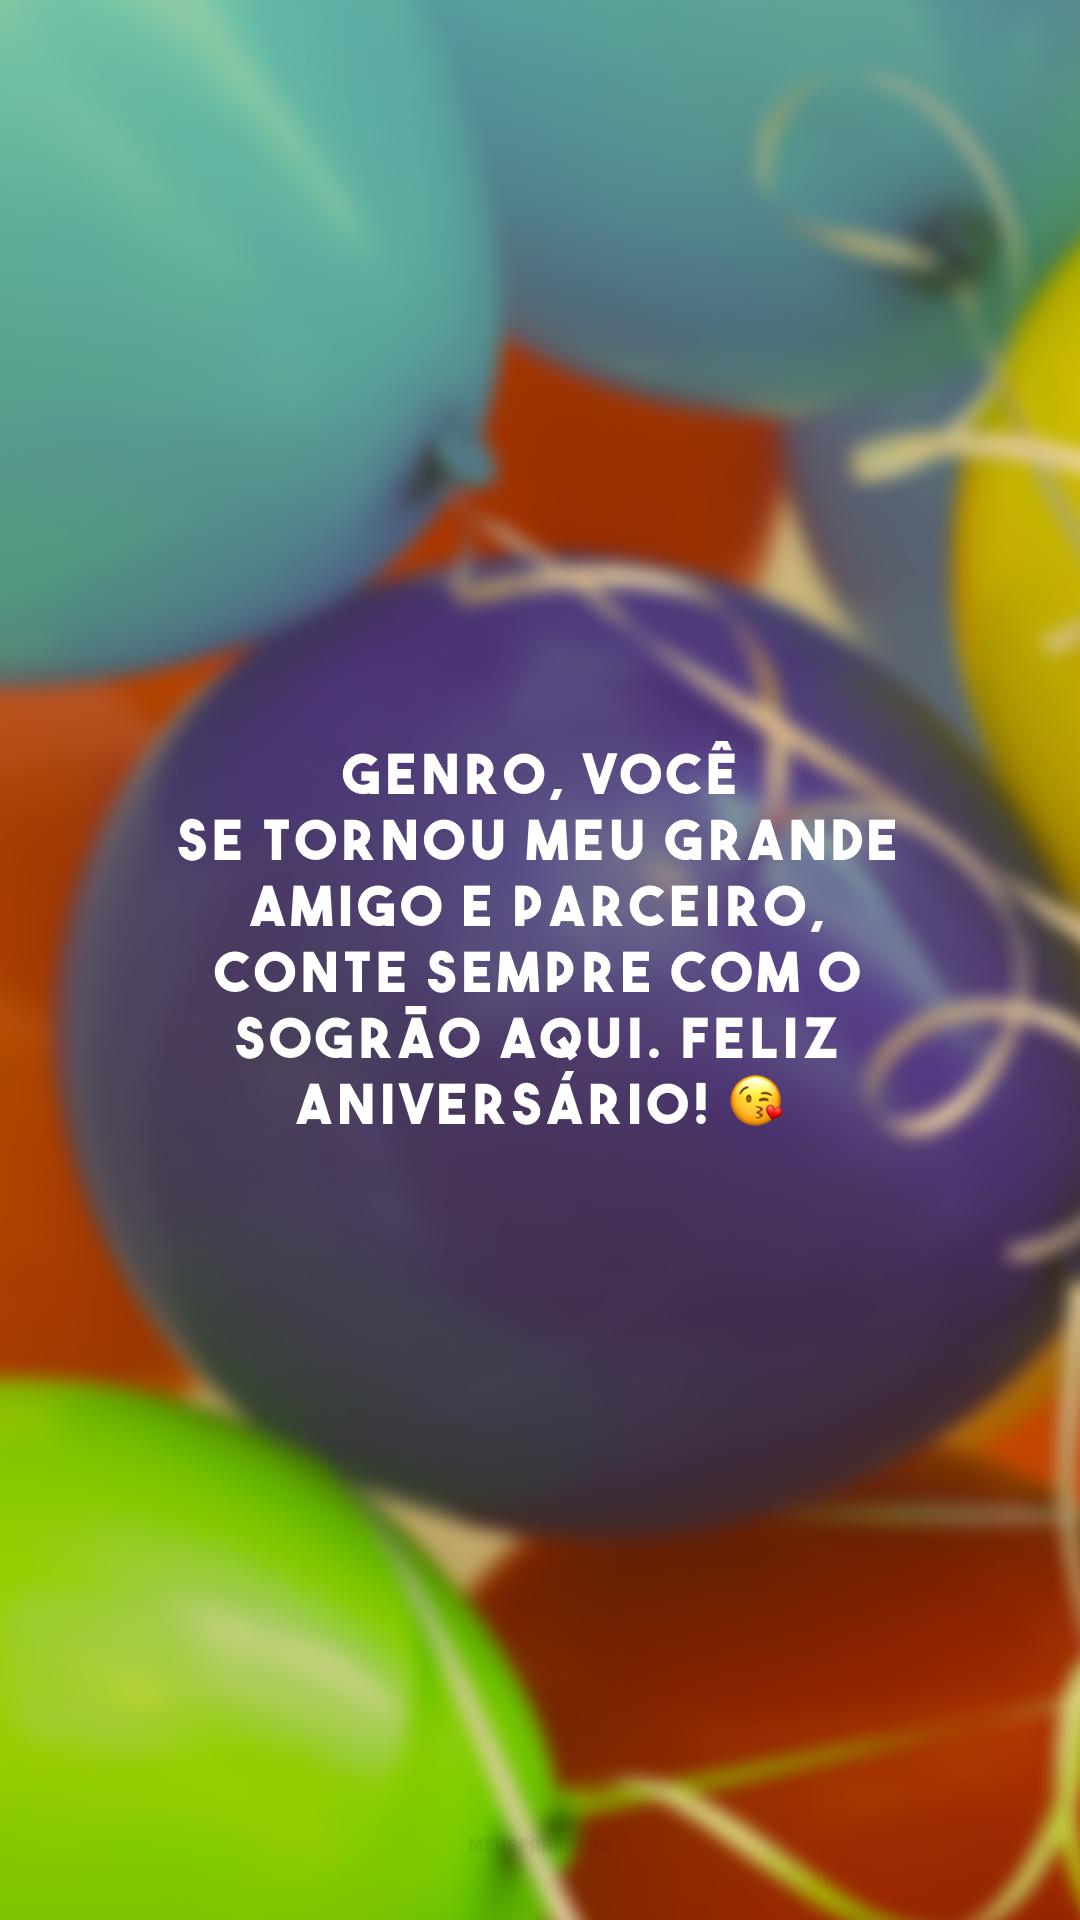 Genro, você se tornou meu grande amigo e parceiro, conte sempre com o sogrão aqui. Feliz aniversário! 😘